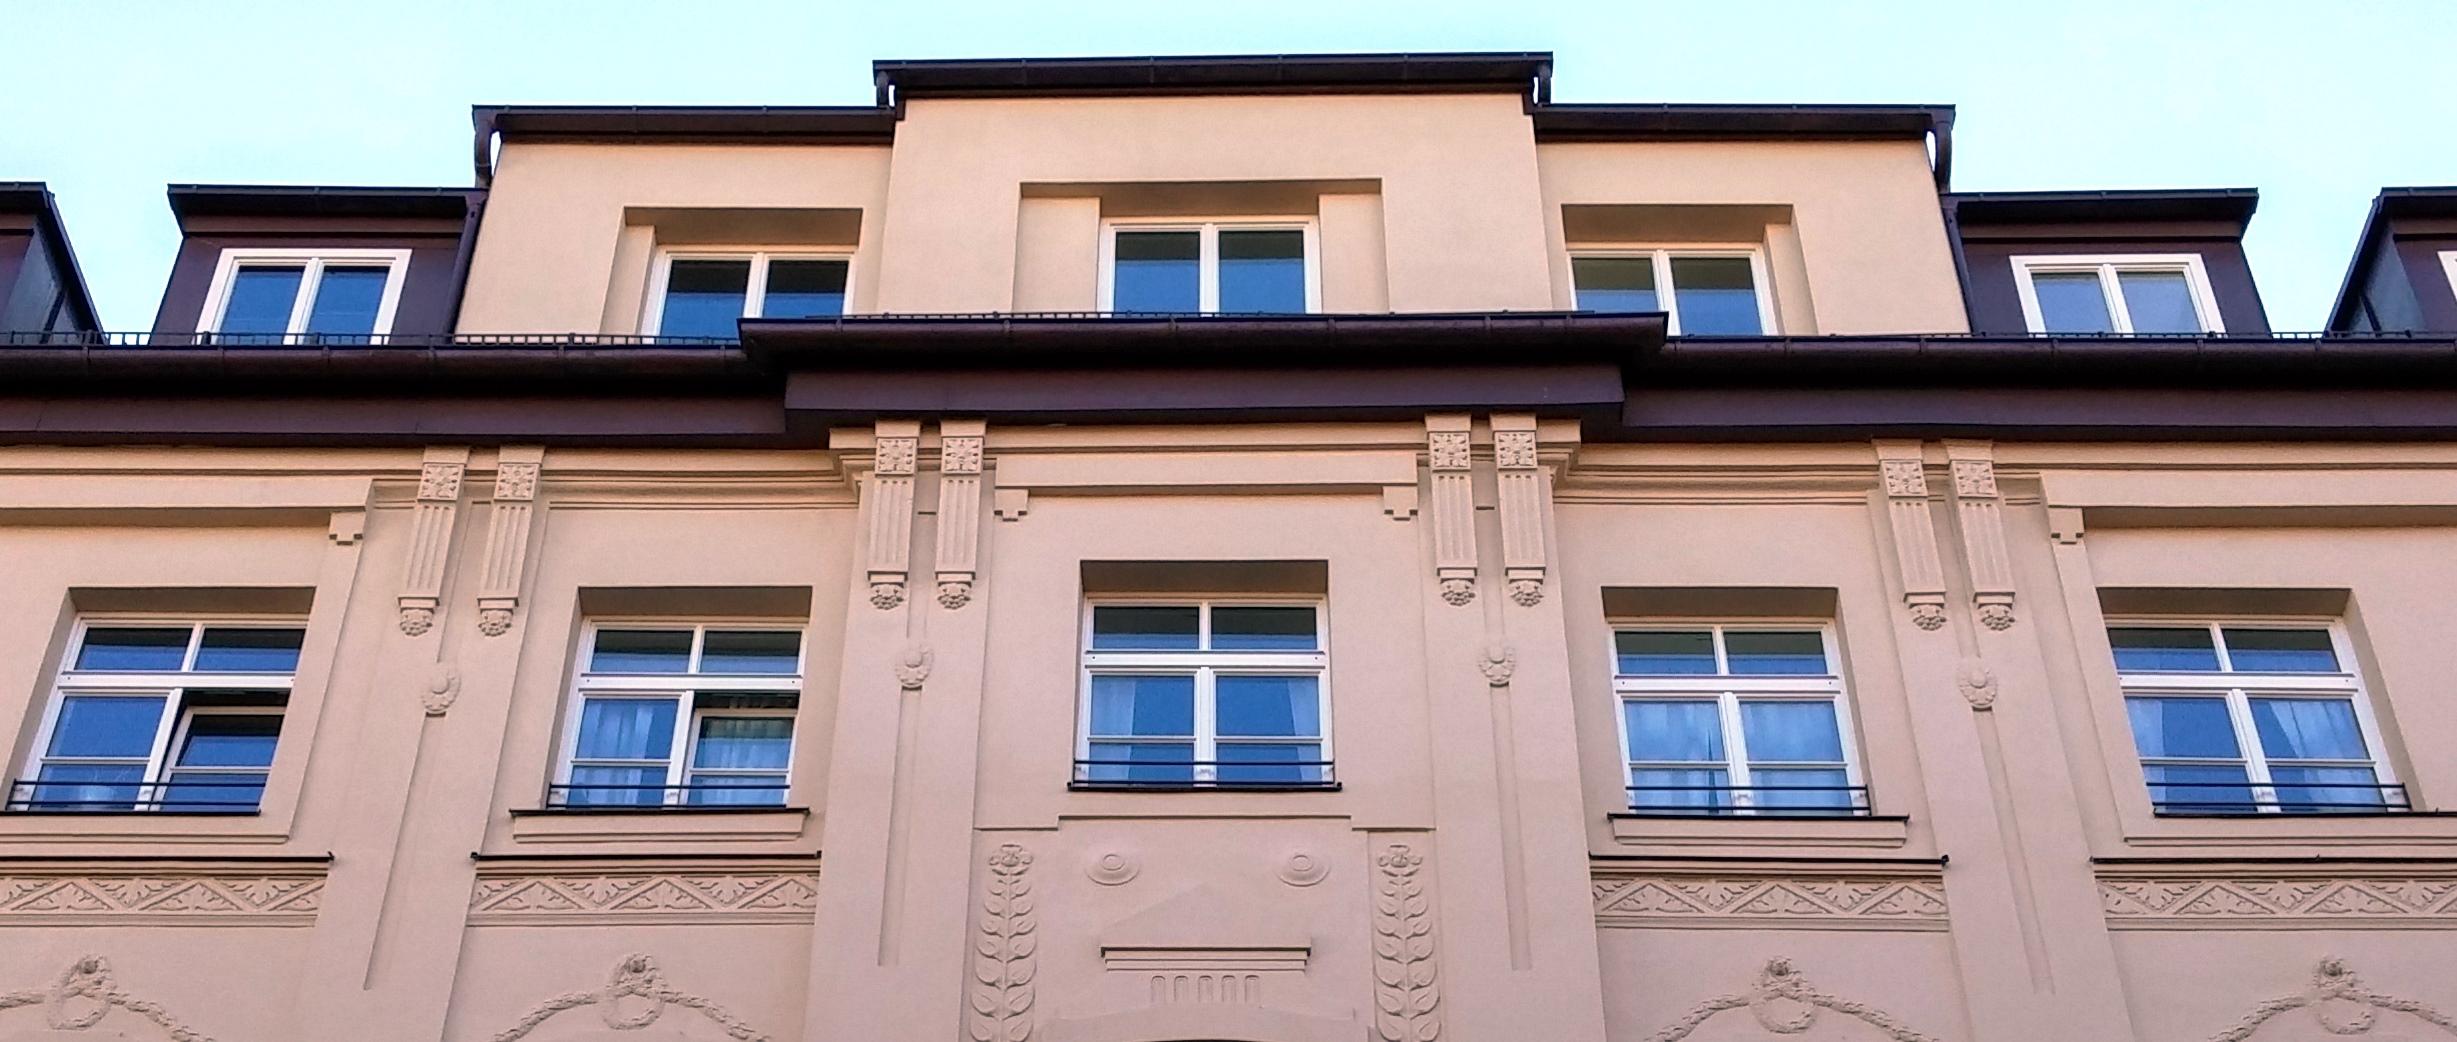 mw konzept, walter, architekt, Münch